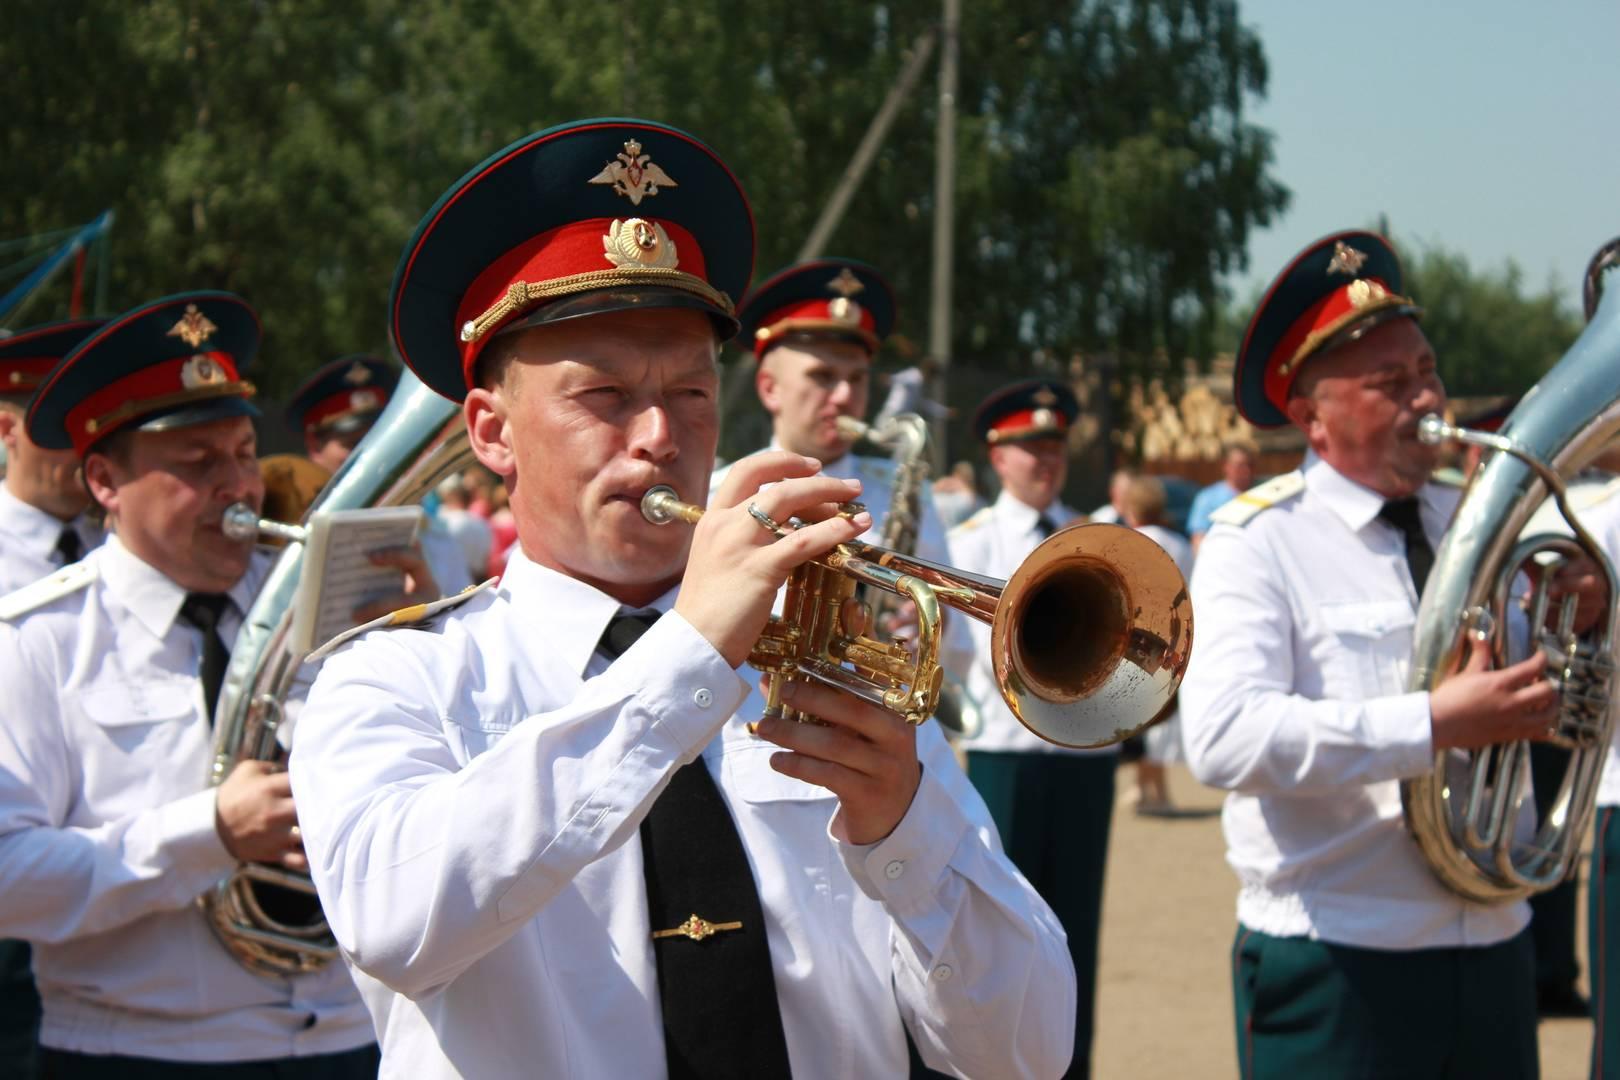 Музыканты военного оркестра исполняют знаменитые композиции